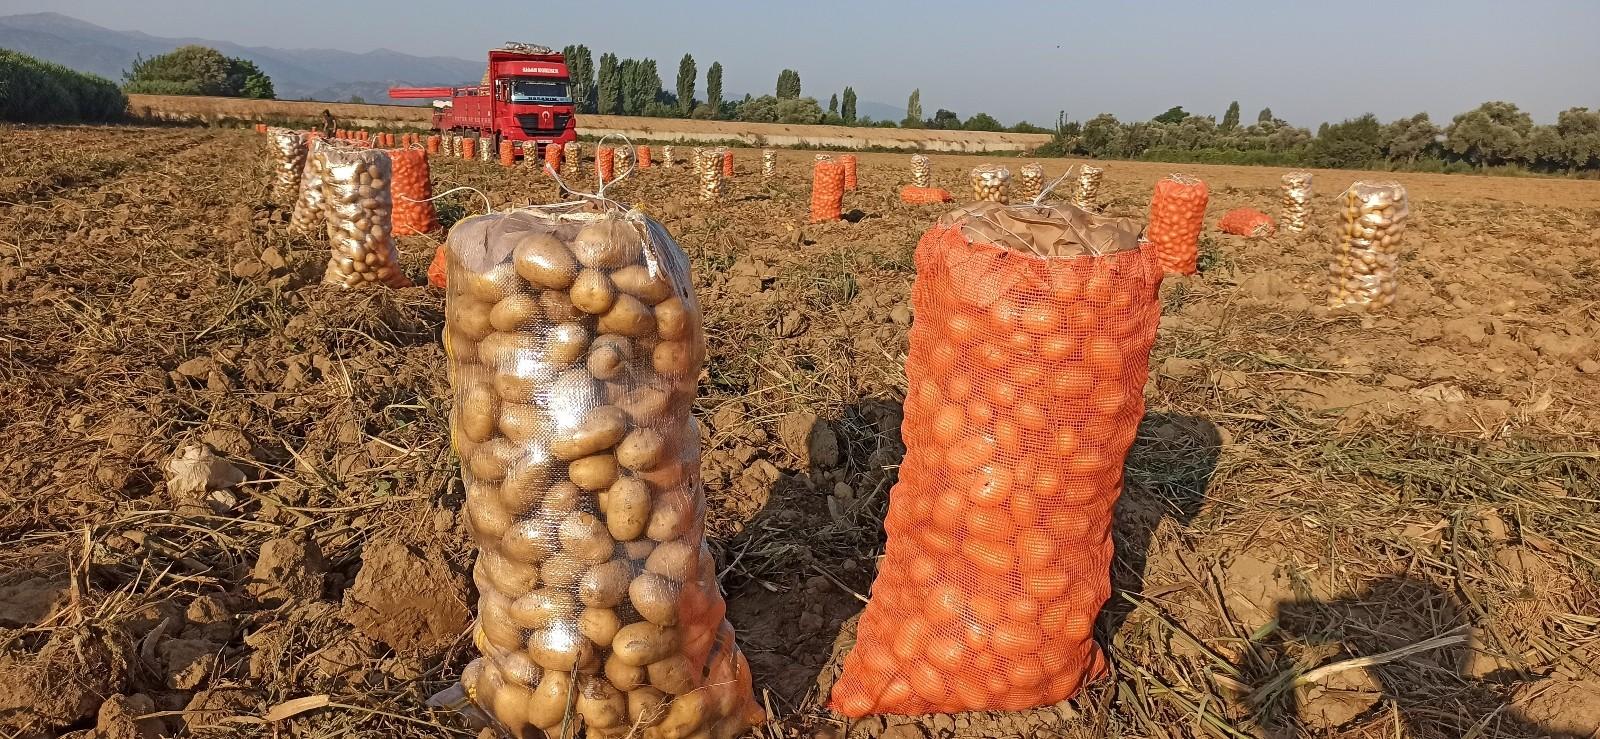 Ödemiş patatesinde ikinci ürün zamanı